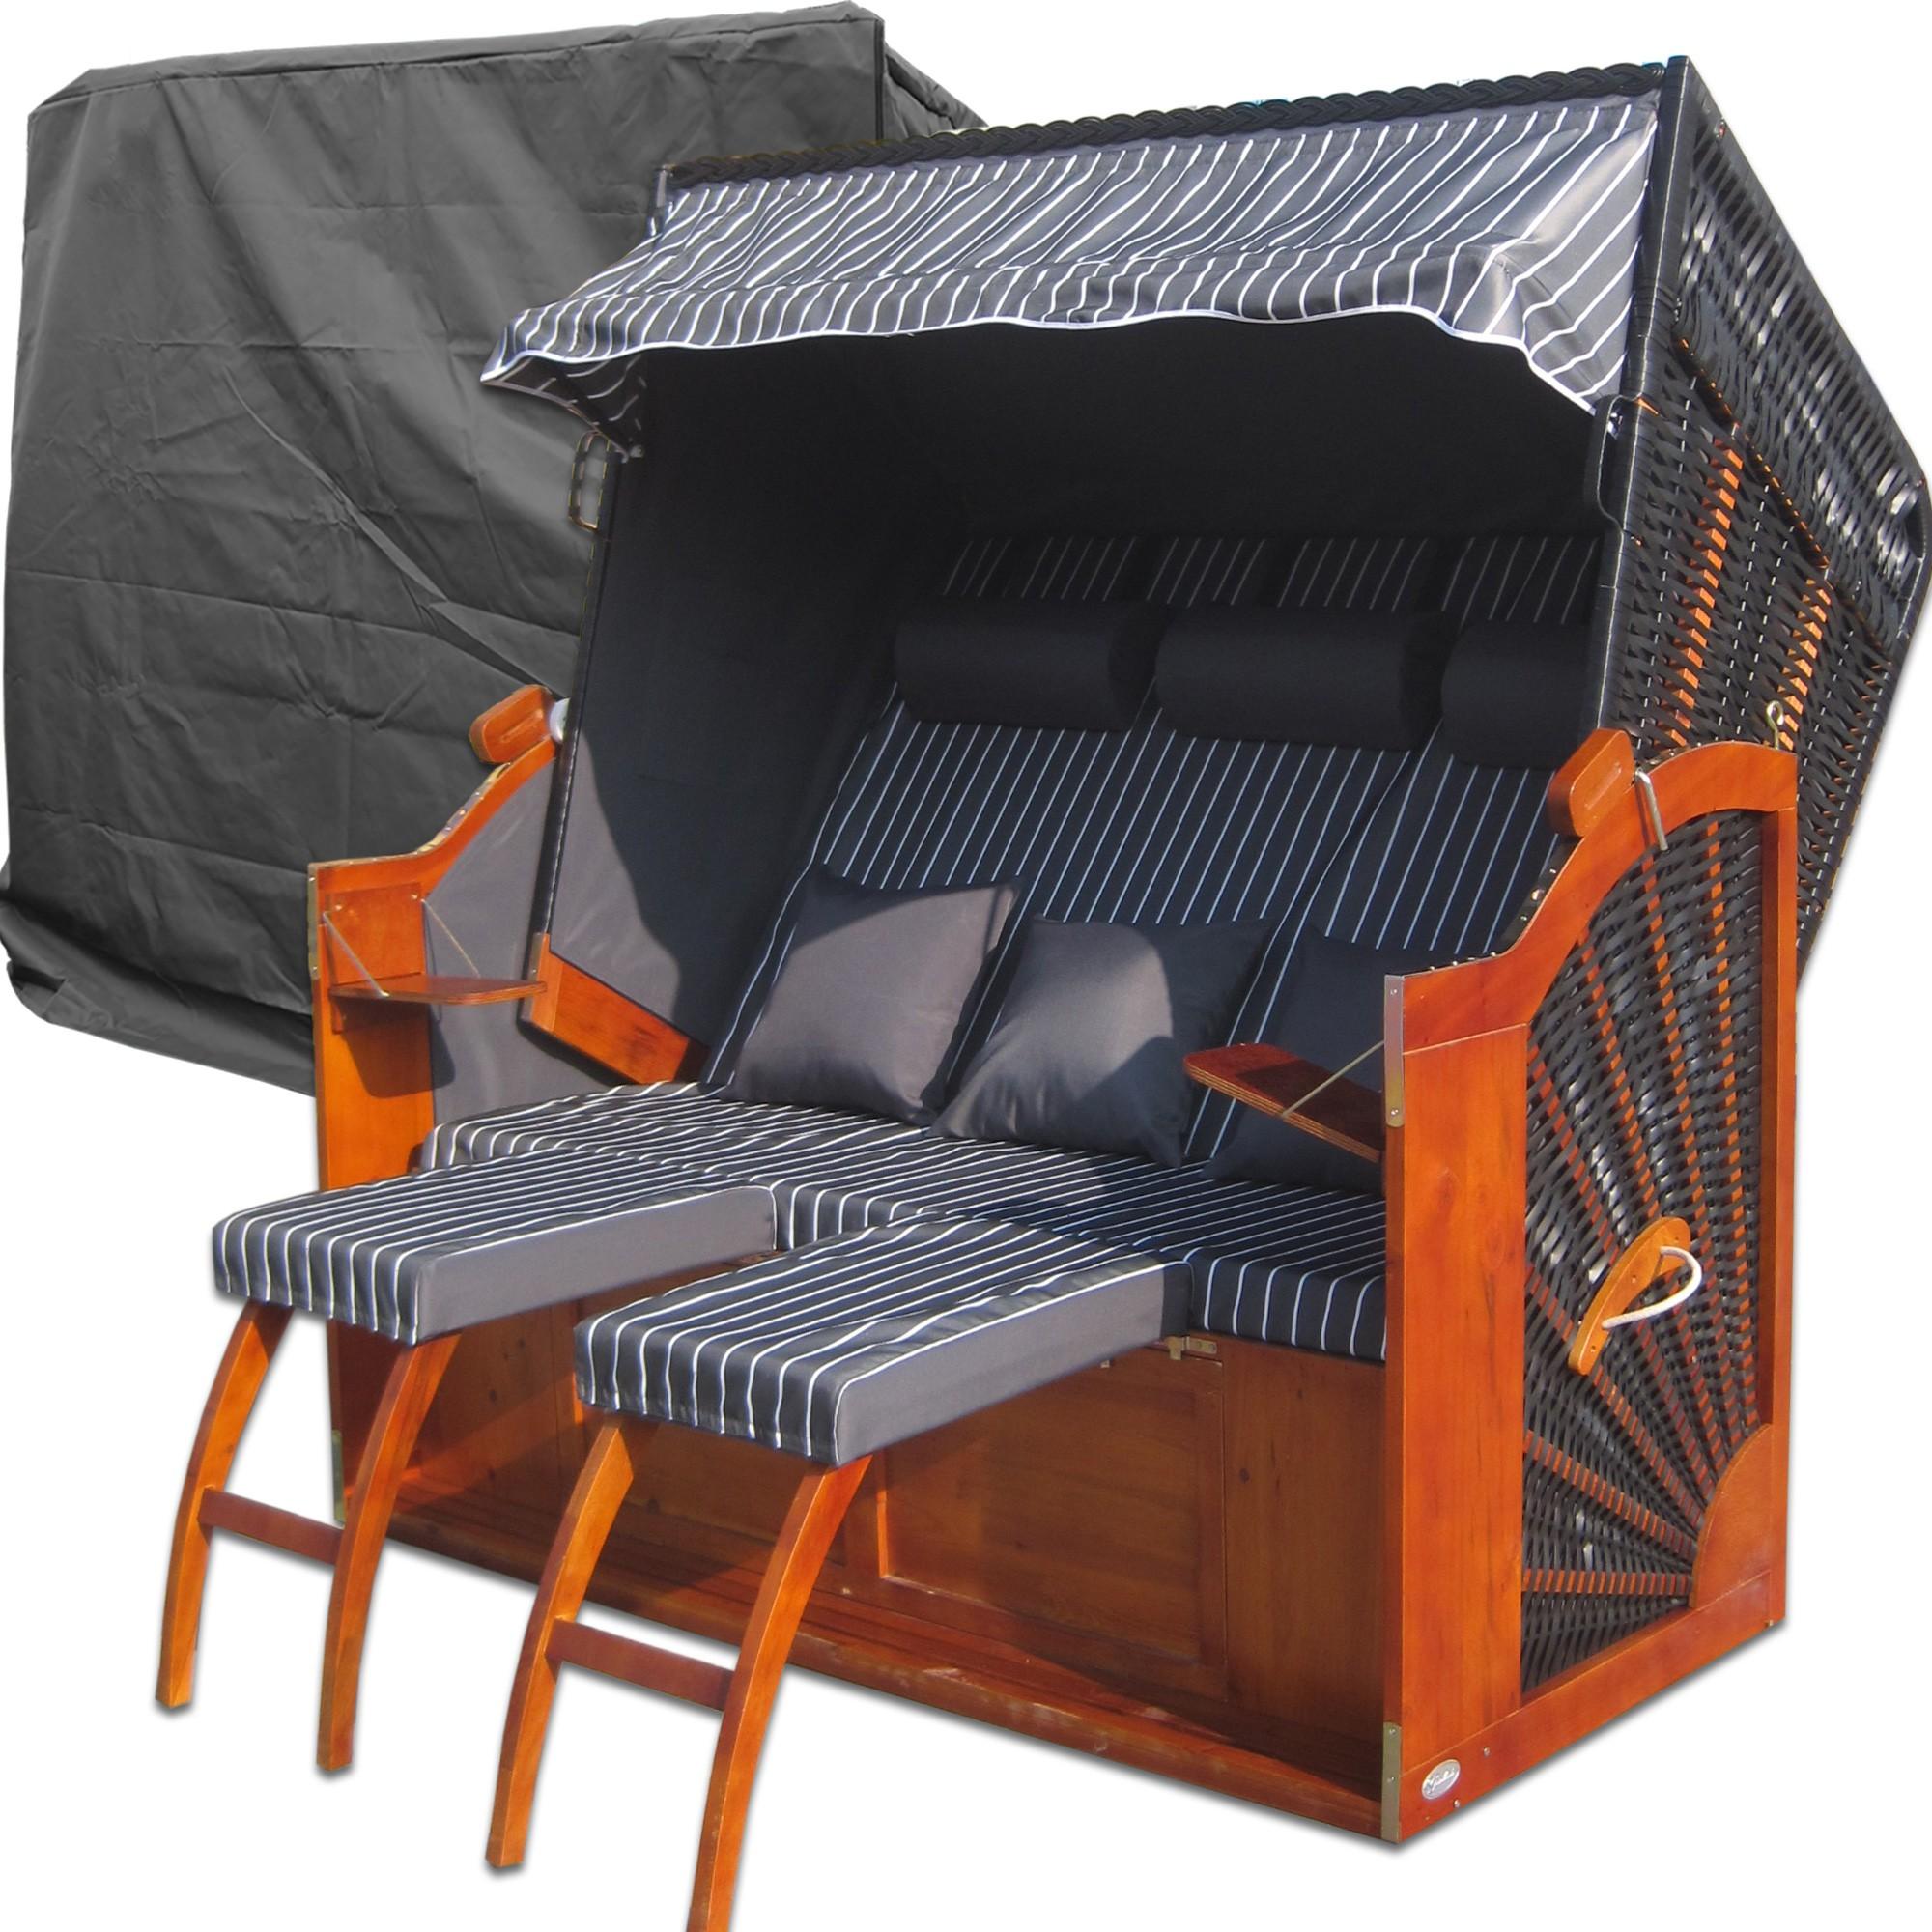 strandkorb 2 5 sitzer g nstig 2 5 sitzer strandkorb kaufen. Black Bedroom Furniture Sets. Home Design Ideas